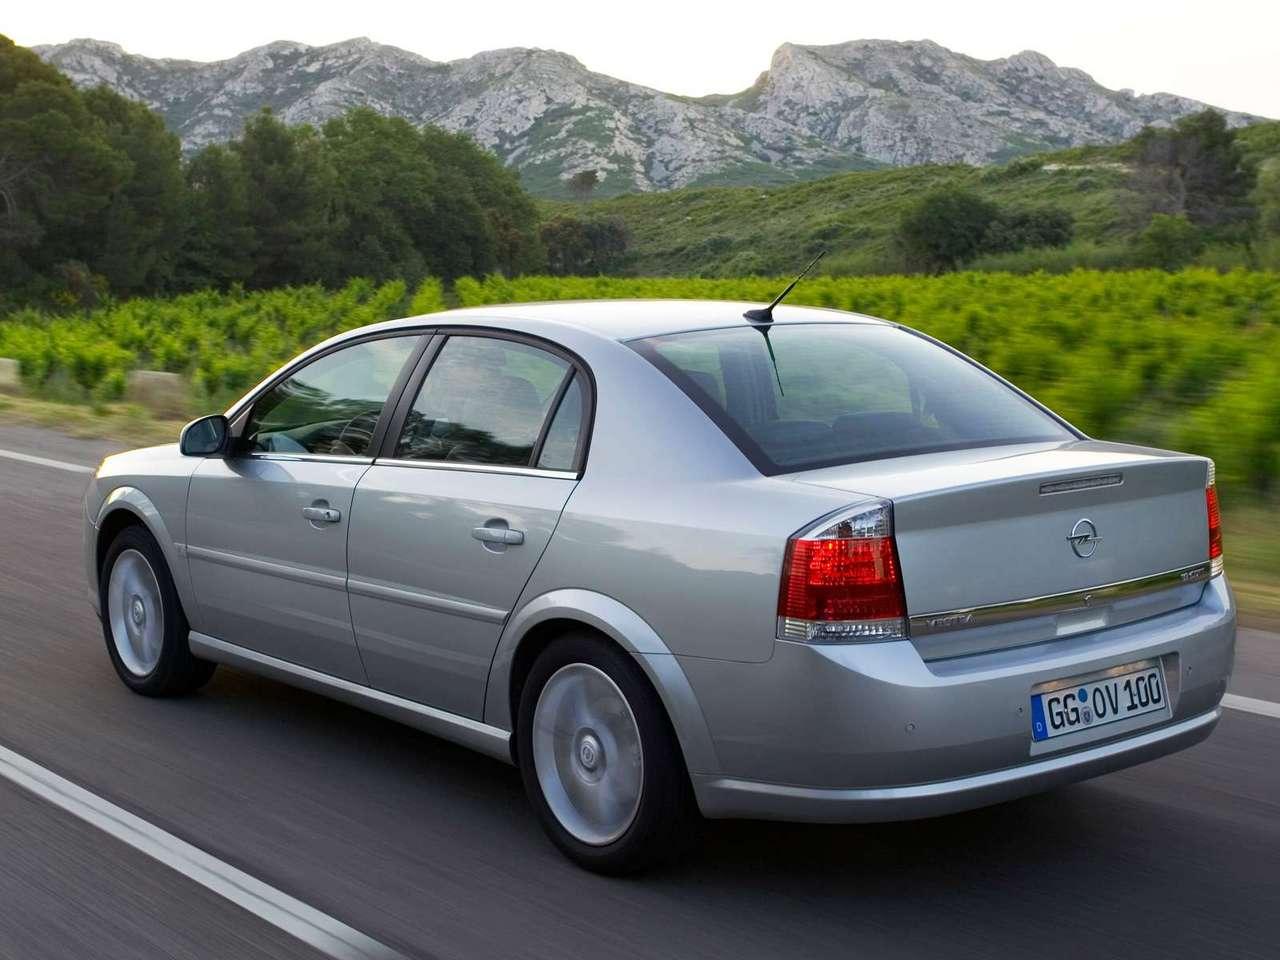 Opel Vectra C [z drugiej r?ki]